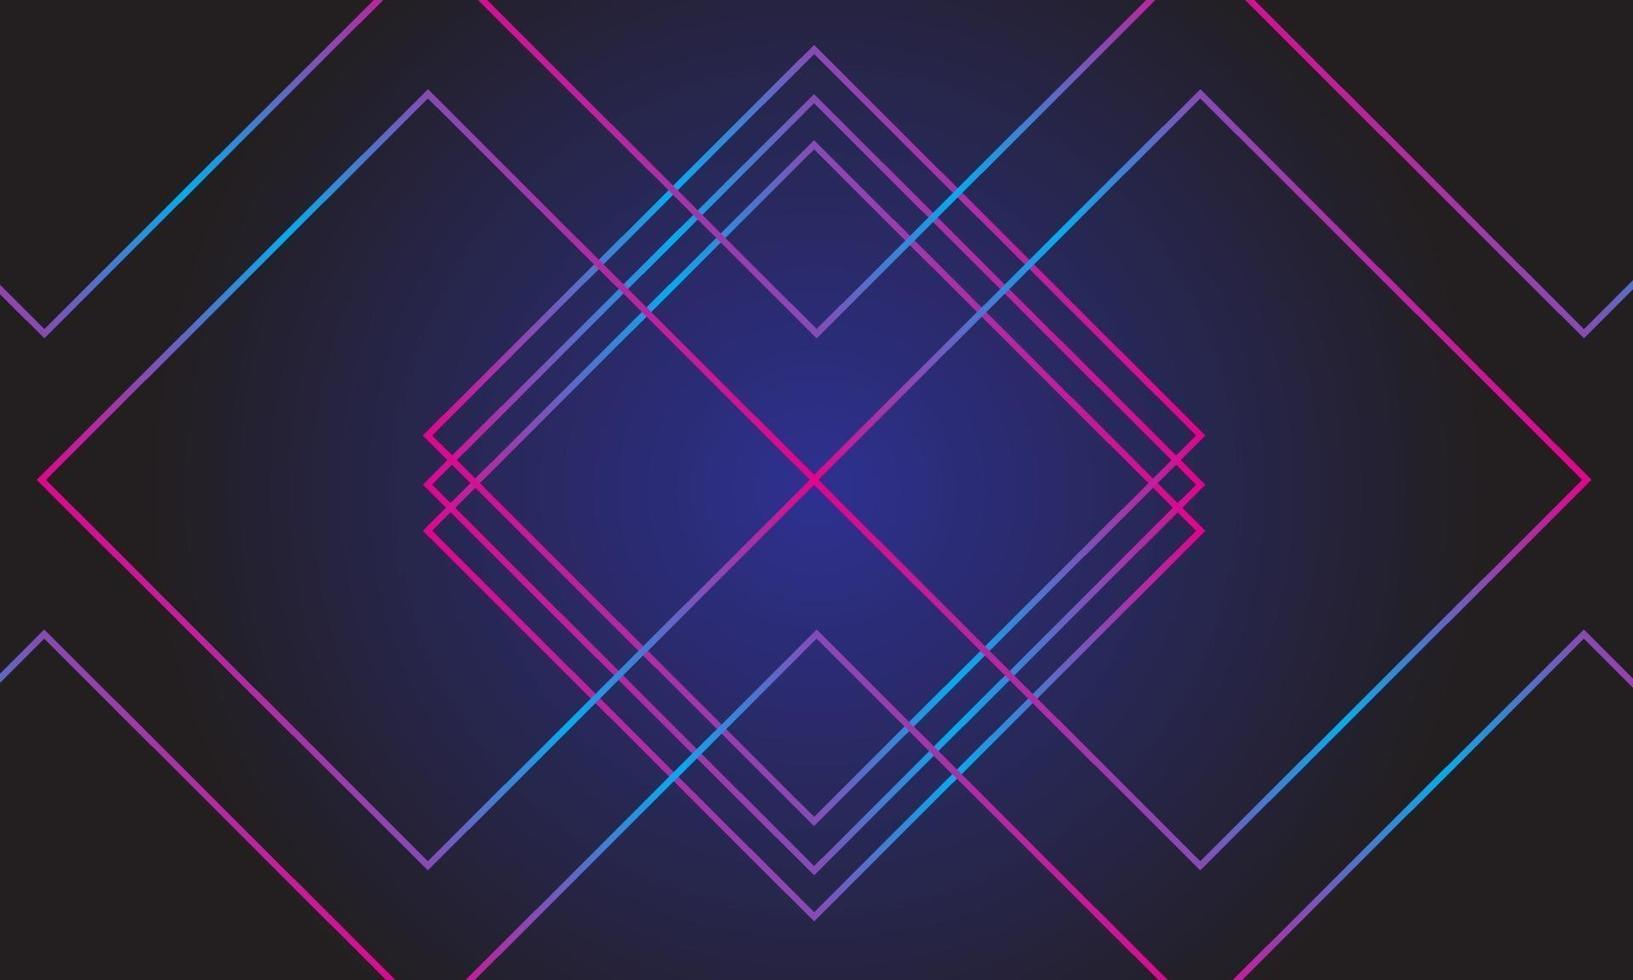 abstrakter Hintergrund der Neonlichtlinien vektor